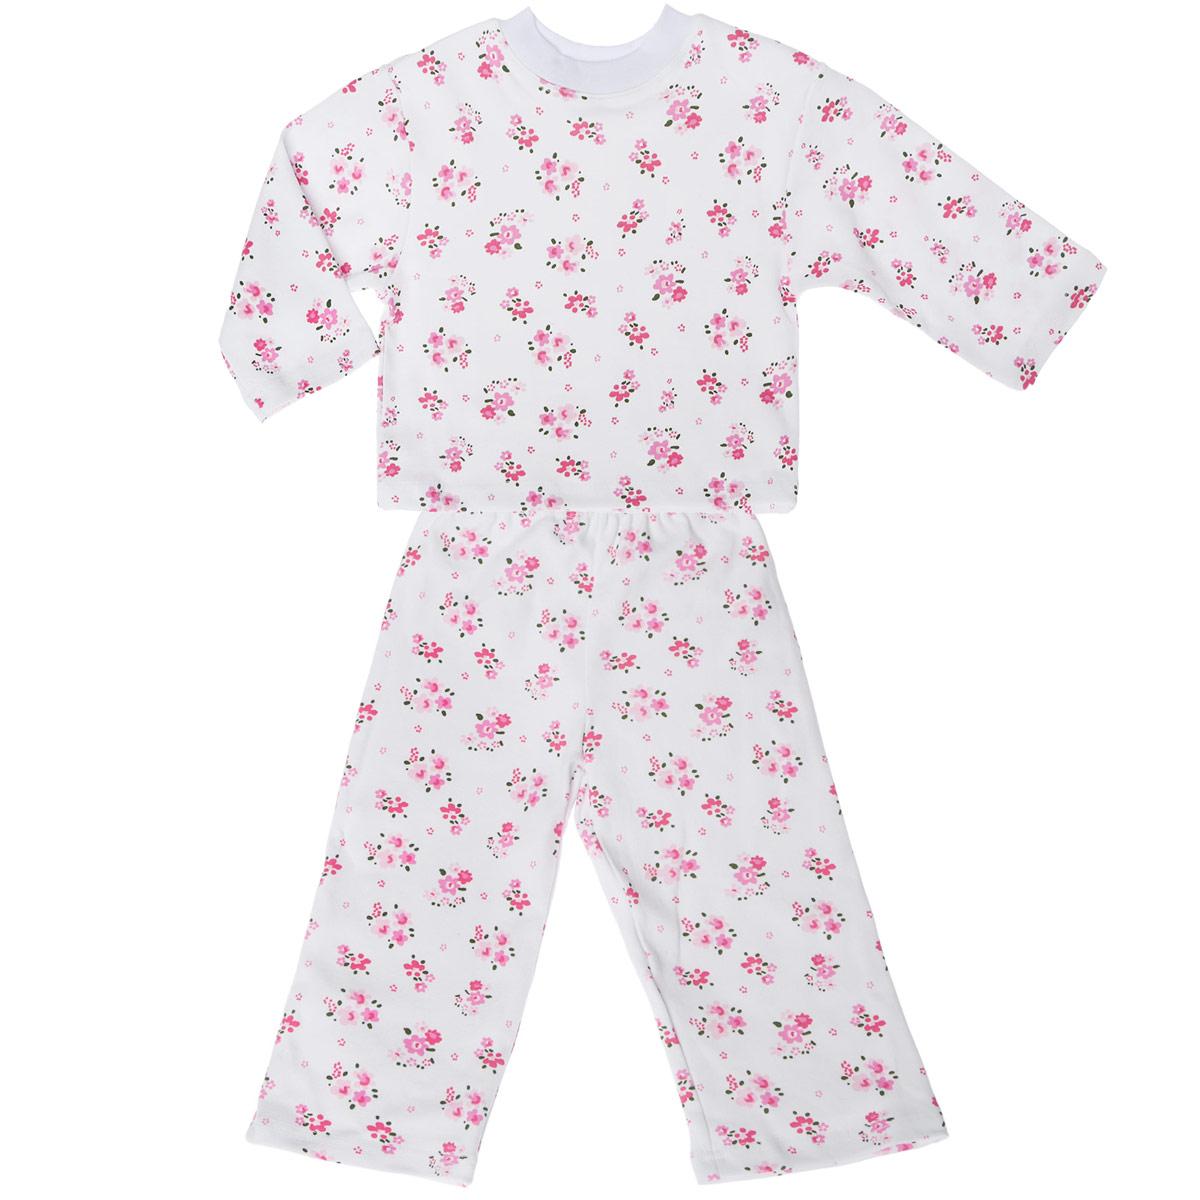 Пижама для девочки Трон-плюс, цвет: белый, розовый. 5584_цветы. Размер 134/140, 9-12 лет